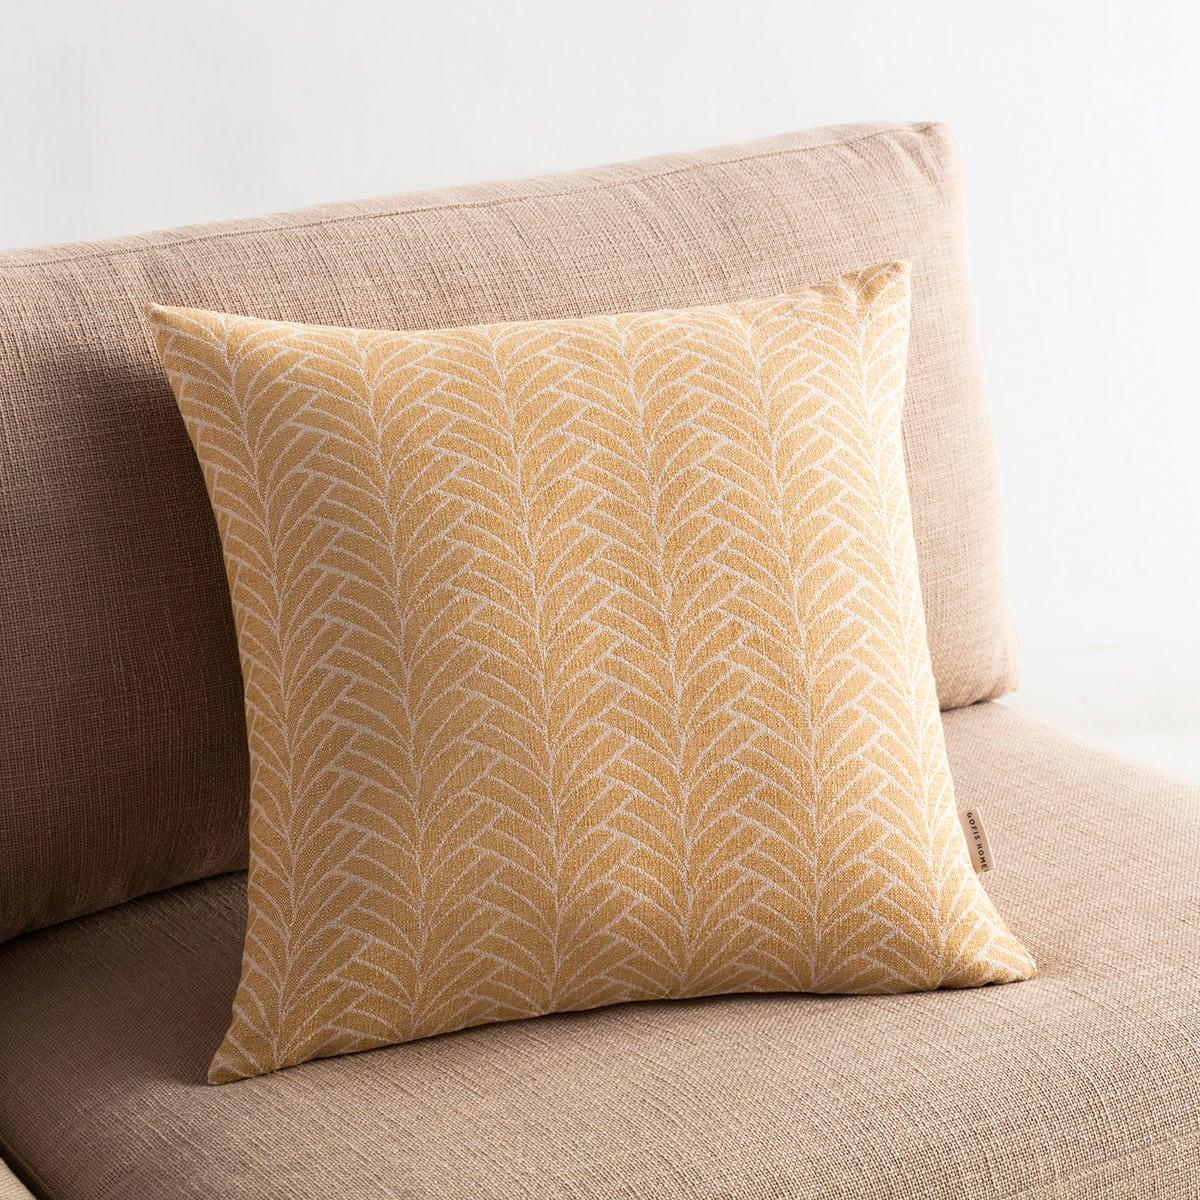 Μαξιλαροθήκη Διακοσμητική Seashell 223/04 Mustard Gofis Home 50X50 Βαμβάκι-Polyester